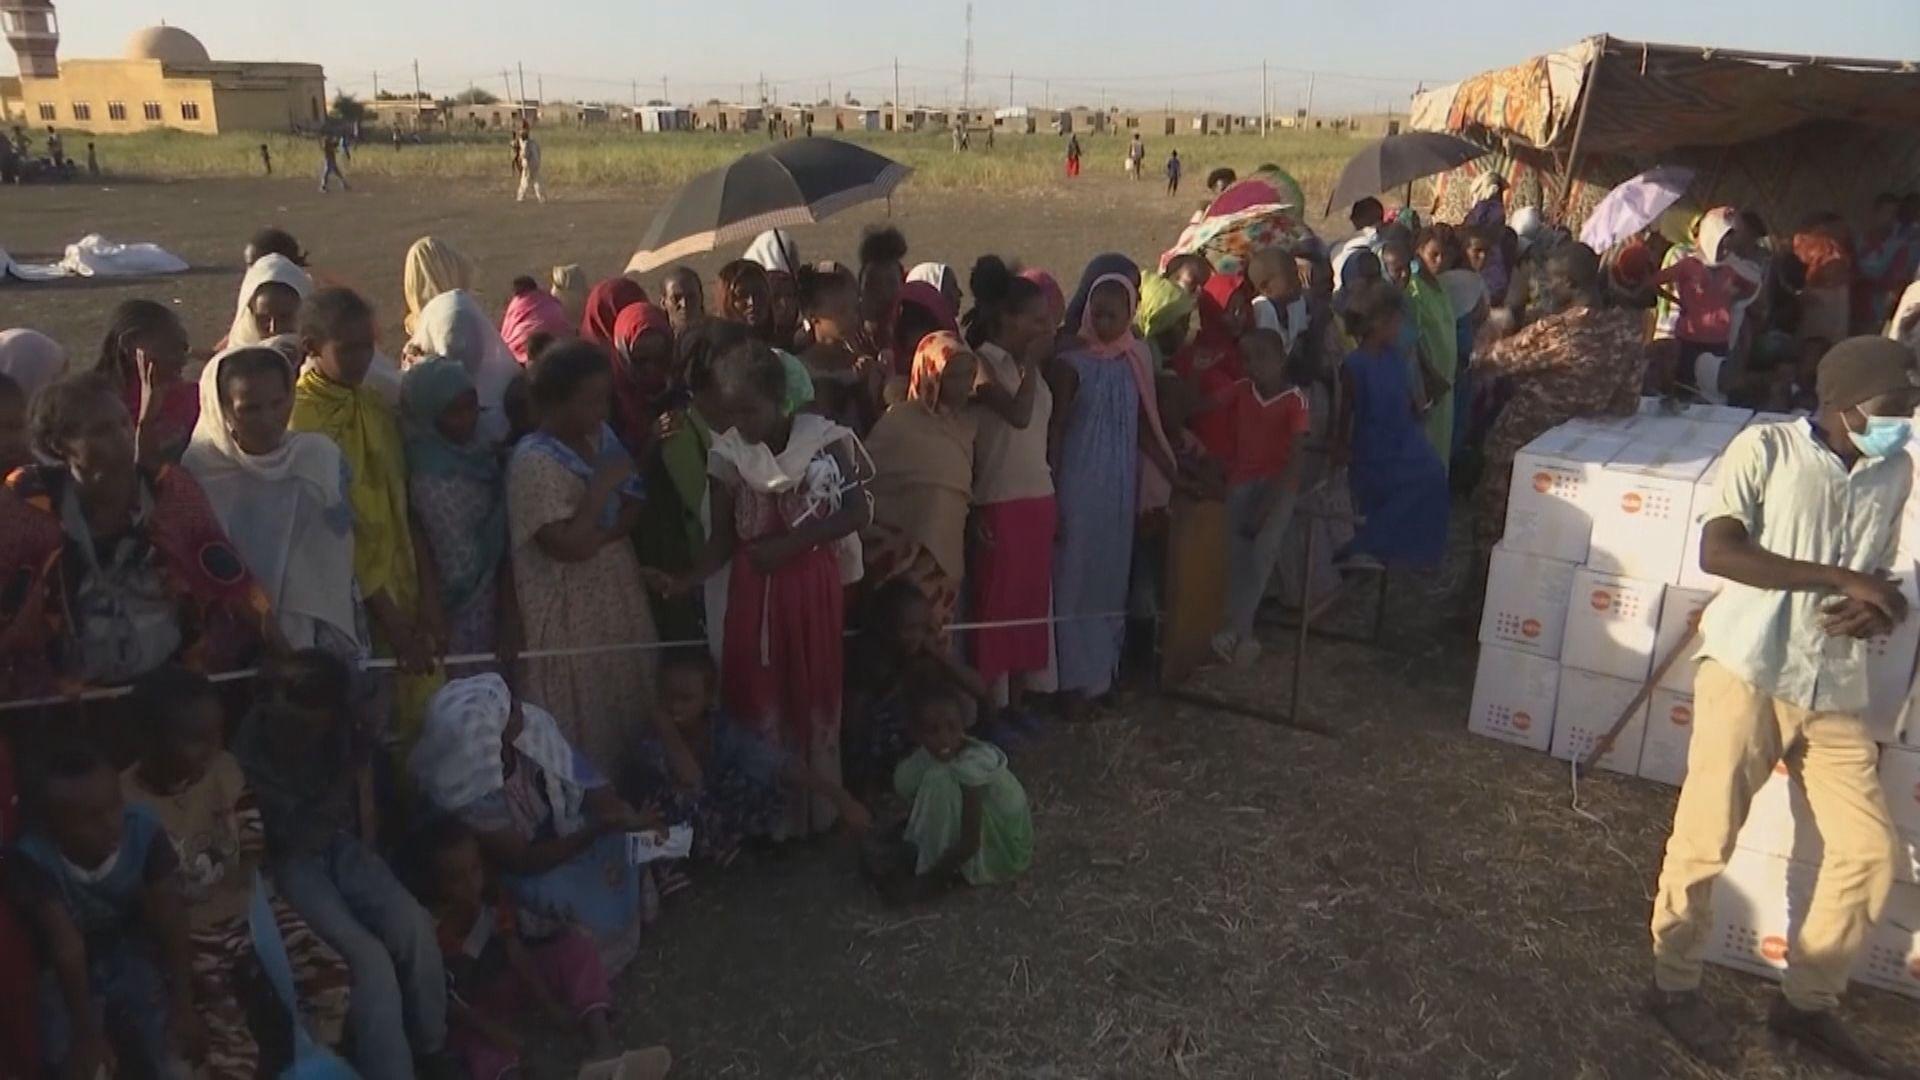 埃塞俄比亞內戰升級 政府軍發最後通牒